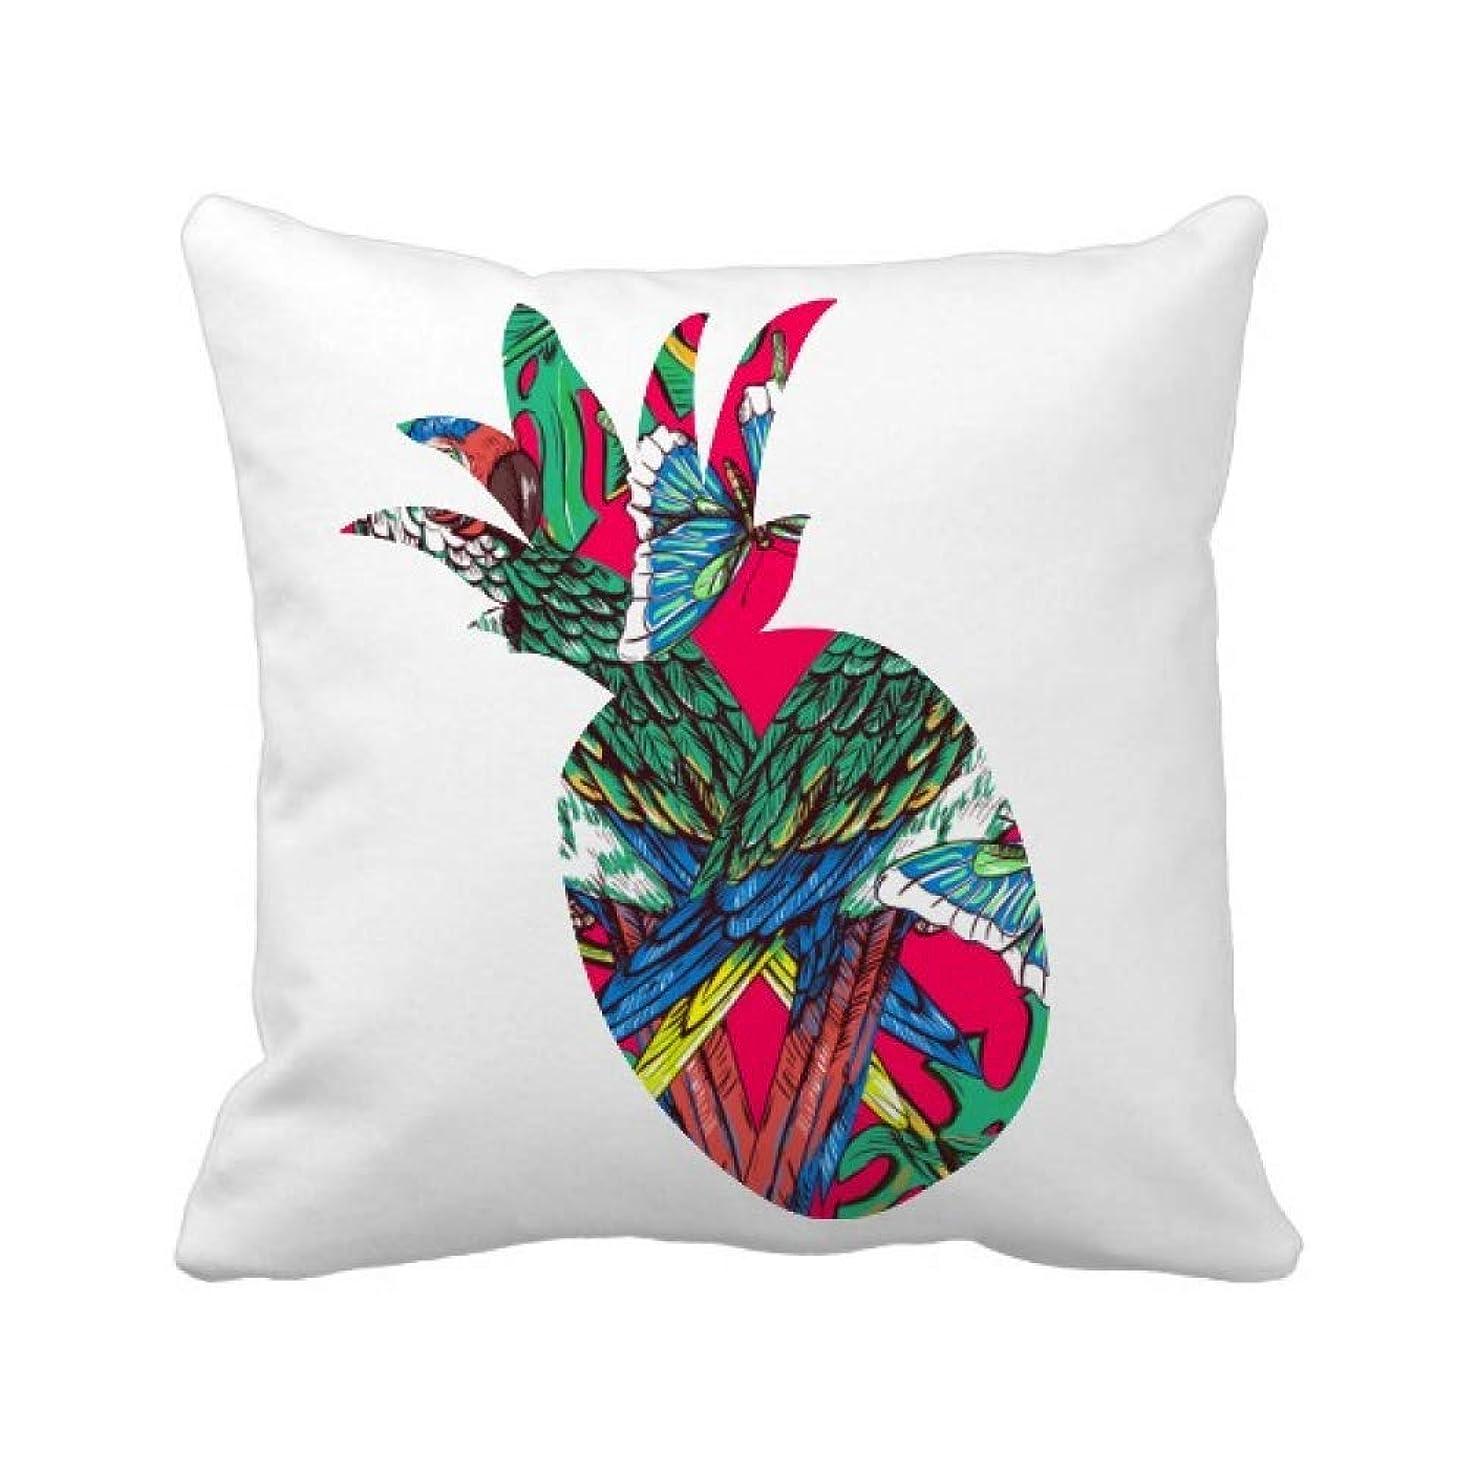 聖人イソギンチャク霊花は葉のピンクの空の幸せな鳥 パイナップル枕カバー正方形を投げる 50cm x 50cm